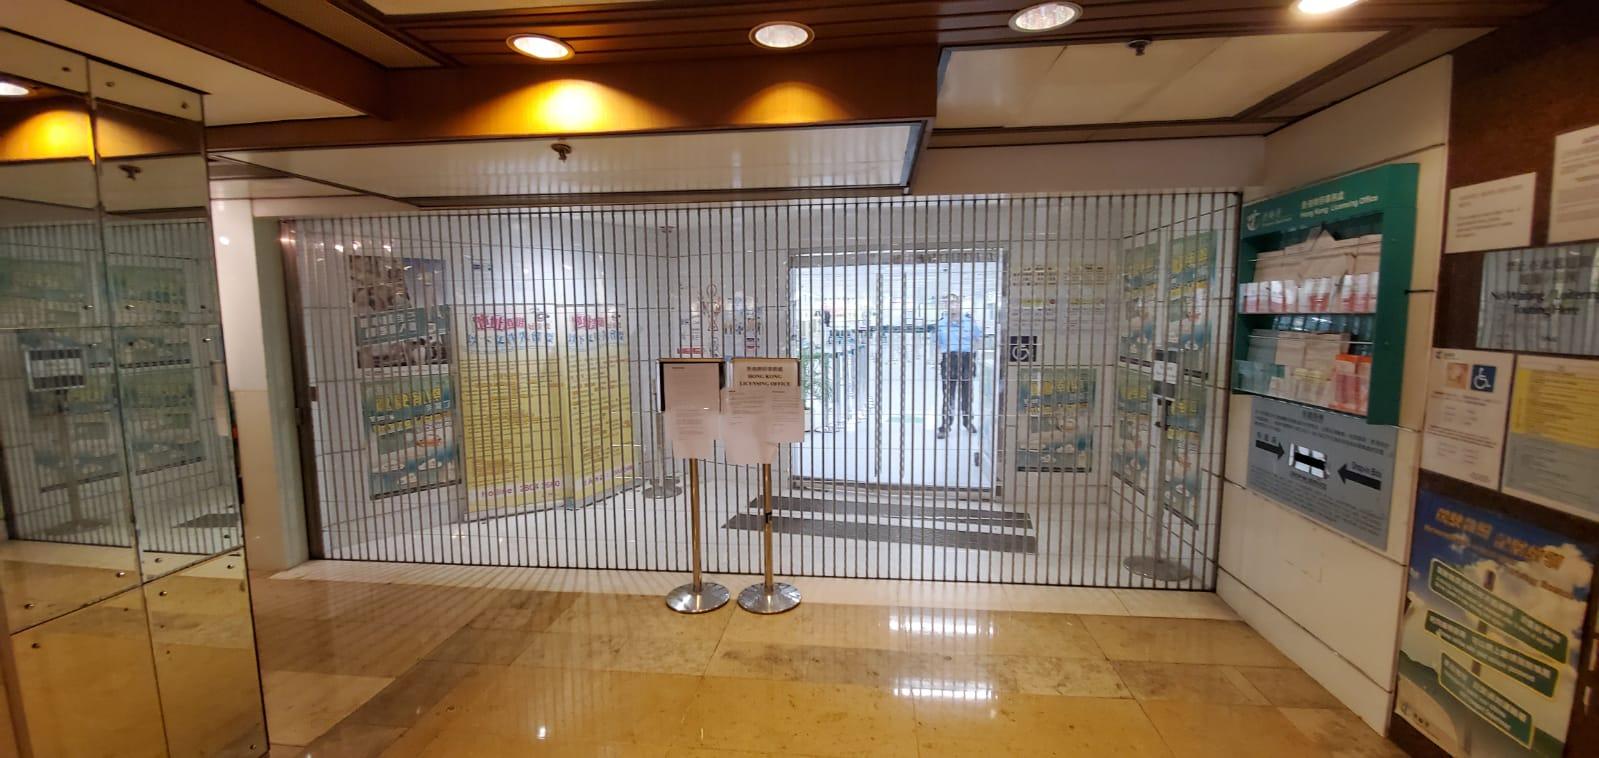 運輸署宣布由於金鐘的情況,該署的香港牌照事務處需暫停服務。